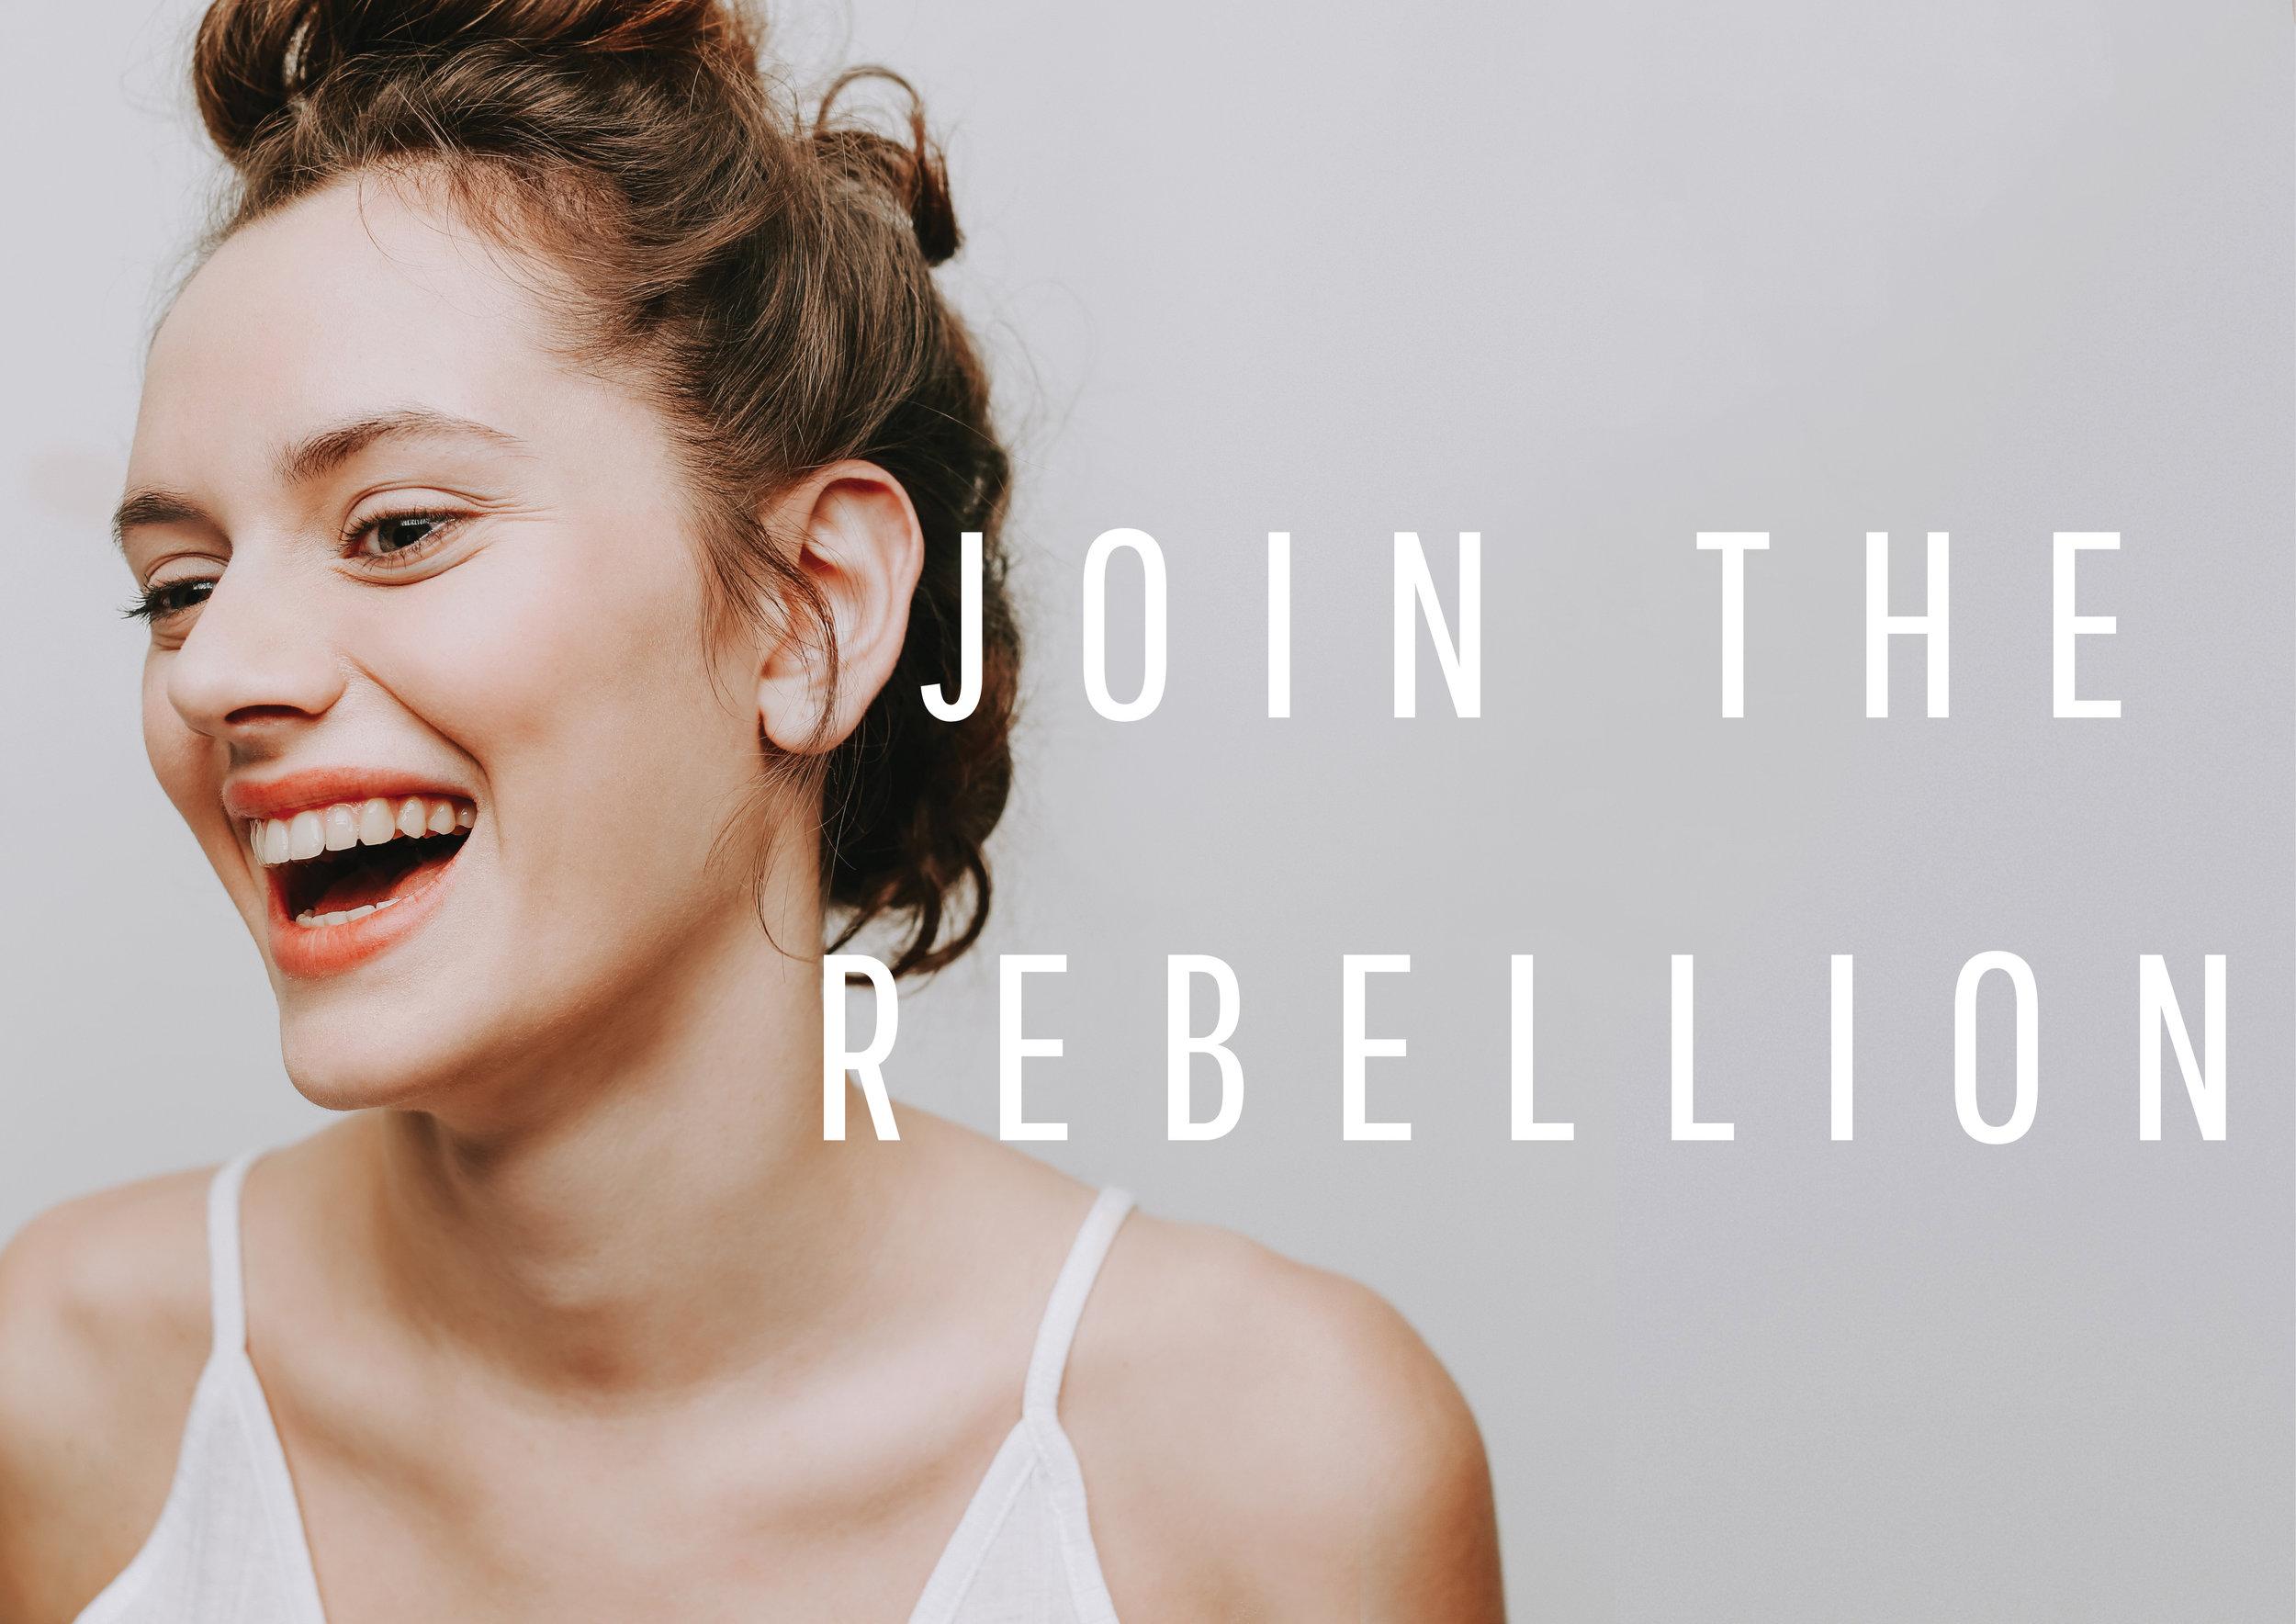 Join The Rebellion - Grace & green Lifestyle Advertising studio 6.jpg